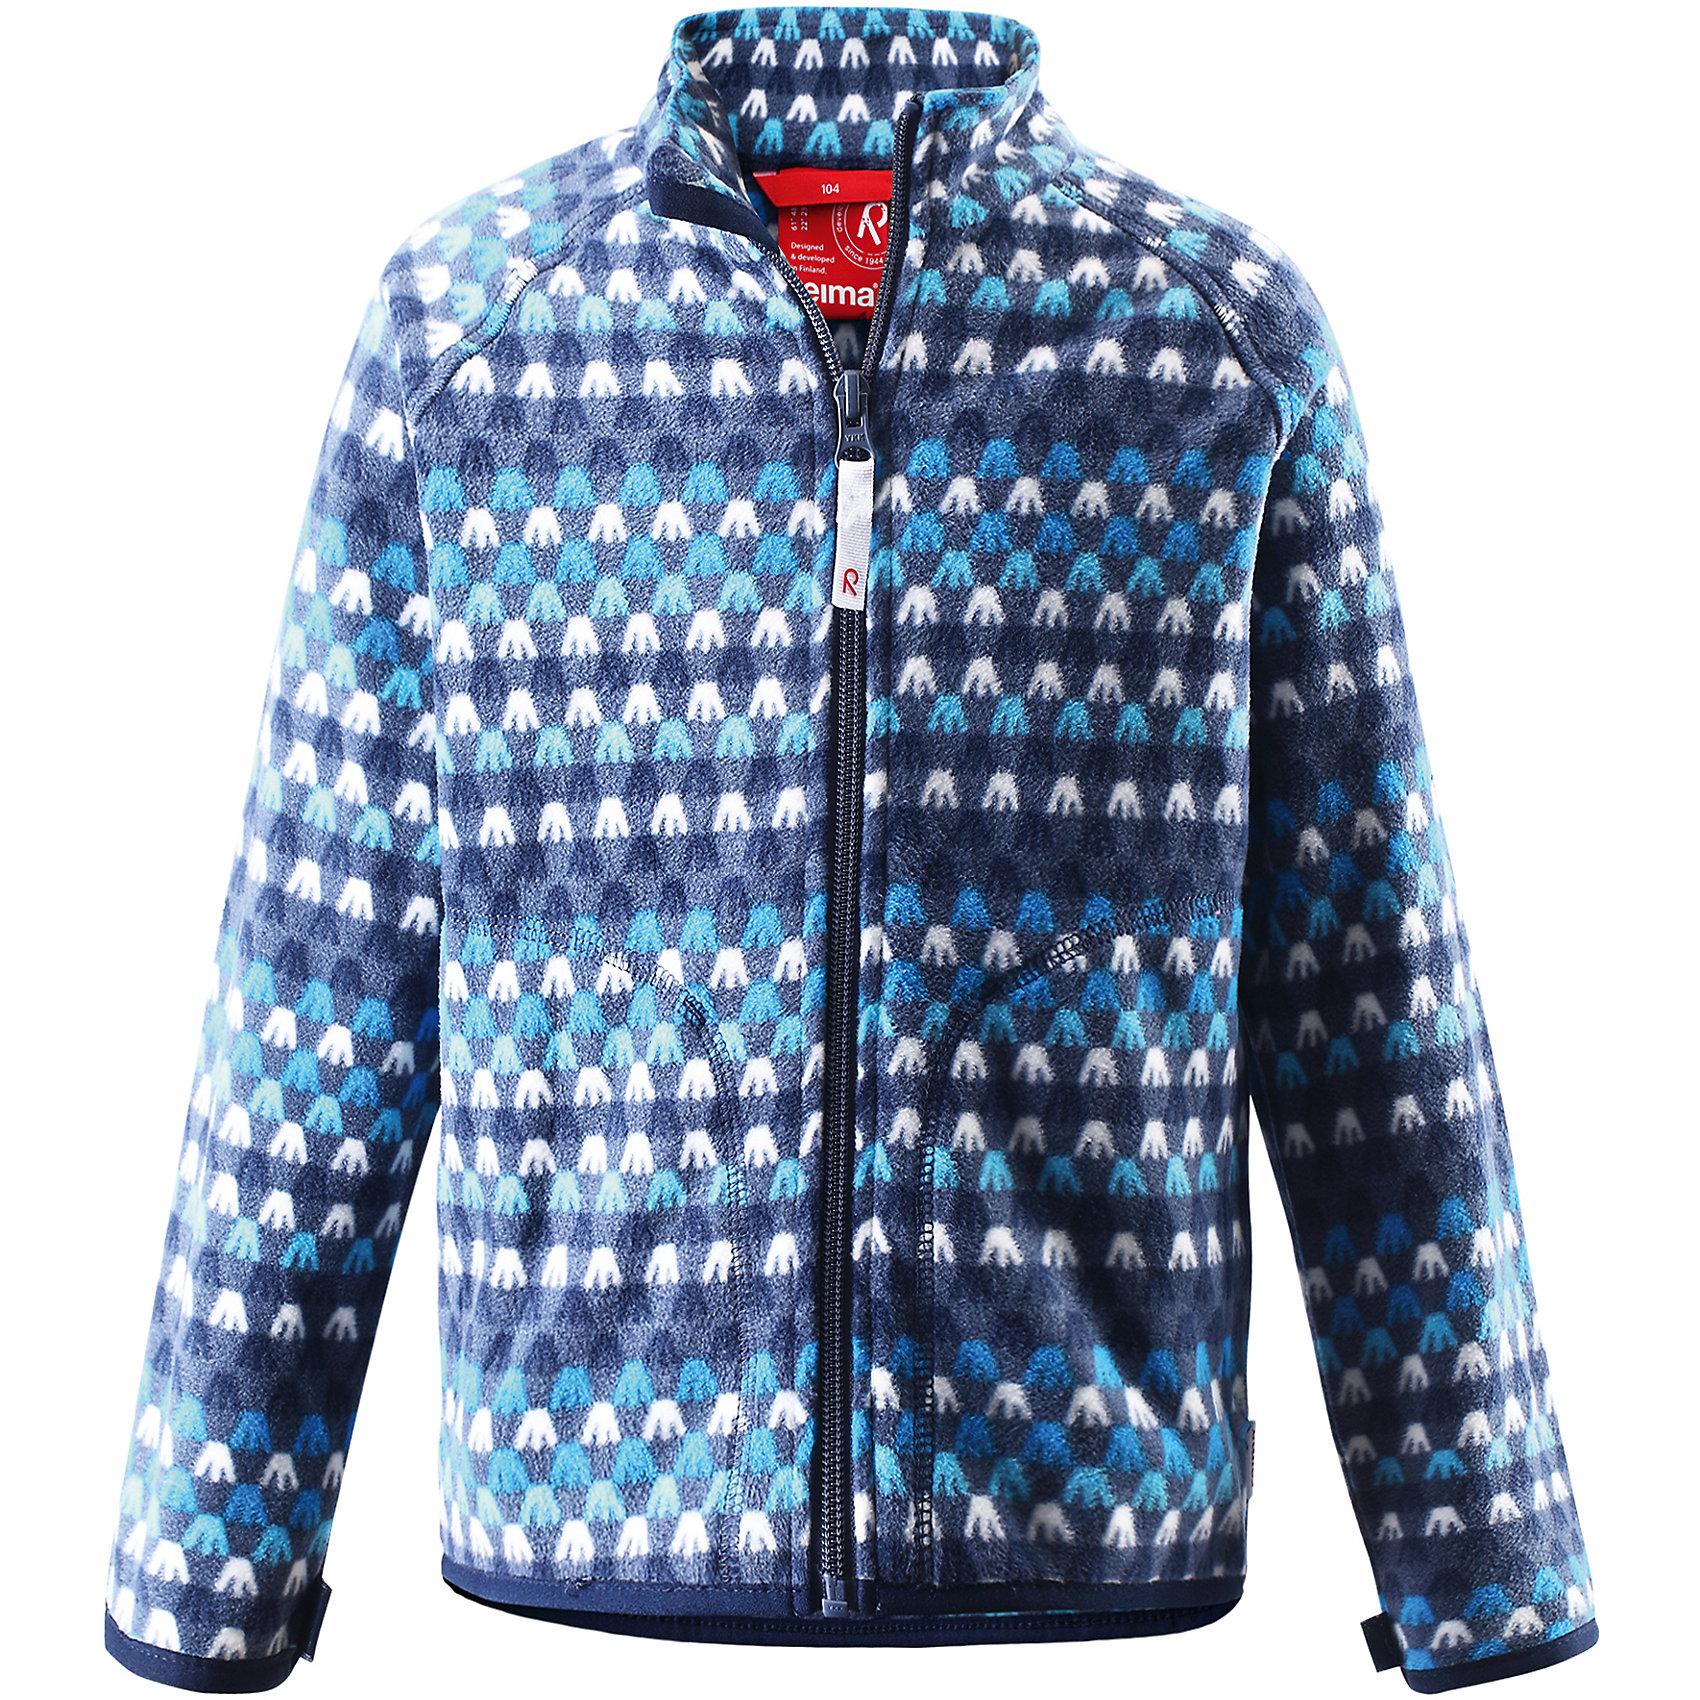 Толстовка флисовая Steppe ReimaОдежда<br>Толстовка флисовая  Reima<br>Флисовая куртка для детей. Выводит влагу наружу и быстро сохнет. Теплый, легкий и быстросохнущий поларфлис. Может пристегиваться к верхней одежде Reima® кнопками Play Layers®. Эластичные манжеты. Удлиненный подол сзади. Молния по всей длине с защитой подбородка. Боковые карманы. Принт по всей поверхности.<br>Уход:<br>Стирать по отдельности, вывернув наизнанку. Застегнуть молнии. Стирать моющим средством, не содержащим отбеливающие вещества. Полоскать без специального средства.  Сушить при низкой температуре.<br>Состав:<br>100% Полиэстер<br><br>Ширина мм: 356<br>Глубина мм: 10<br>Высота мм: 245<br>Вес г: 519<br>Цвет: синий<br>Возраст от месяцев: 18<br>Возраст до месяцев: 24<br>Пол: Унисекс<br>Возраст: Детский<br>Размер: 92,140,98,104,110,116,122,128,134<br>SKU: 4779256